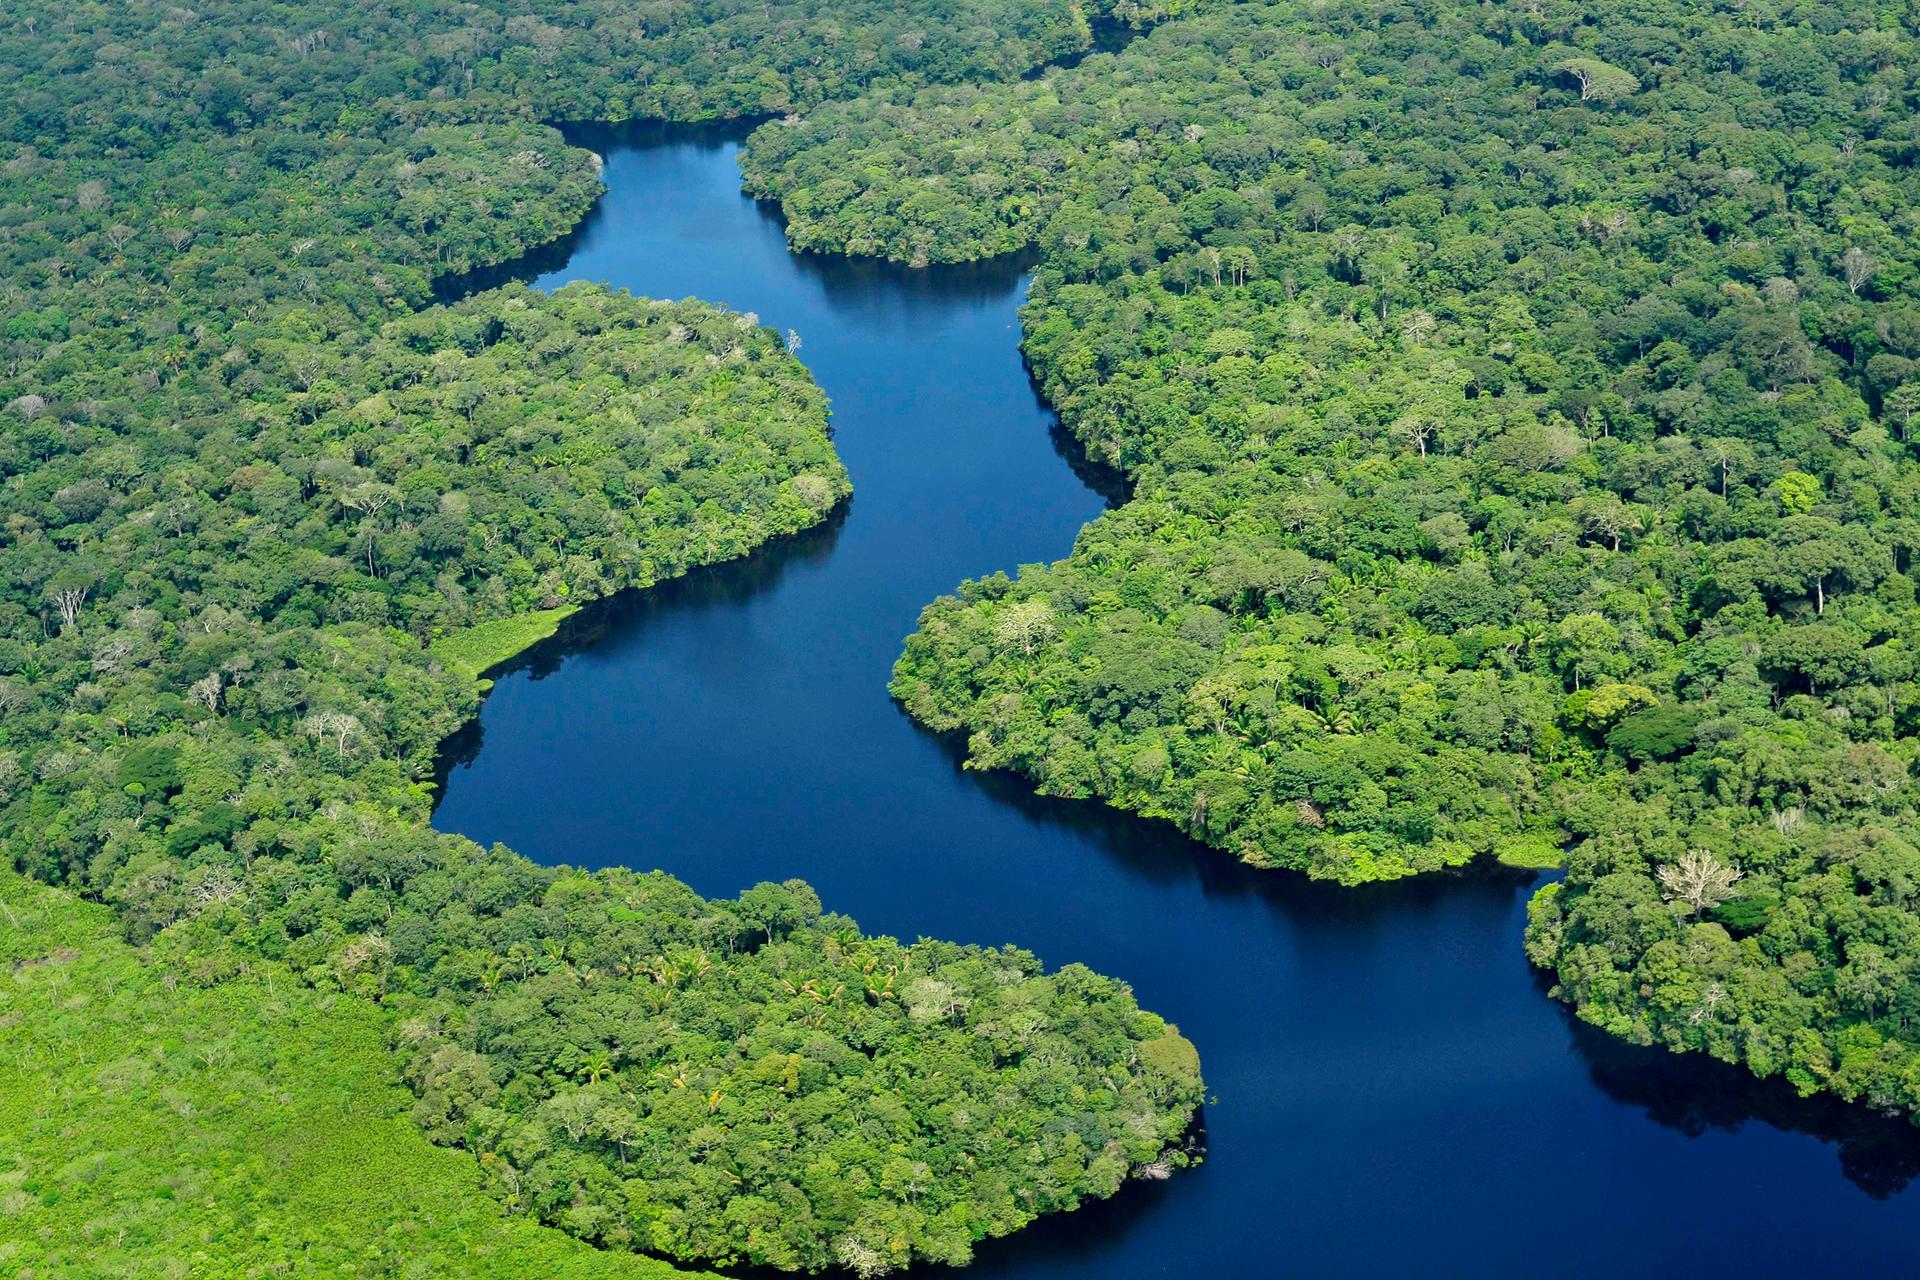 Fotografia lotnicza przestawia zielony las równikowy. Drzewa rosną gęsto, mają zwarte korony. Miedzy drzewami błękitna rzeka. Naturalny ekosystem wiecznie zielonego lasu równikowego tworzy niezliczona ilość gatunków. ekosystem sztuczny.